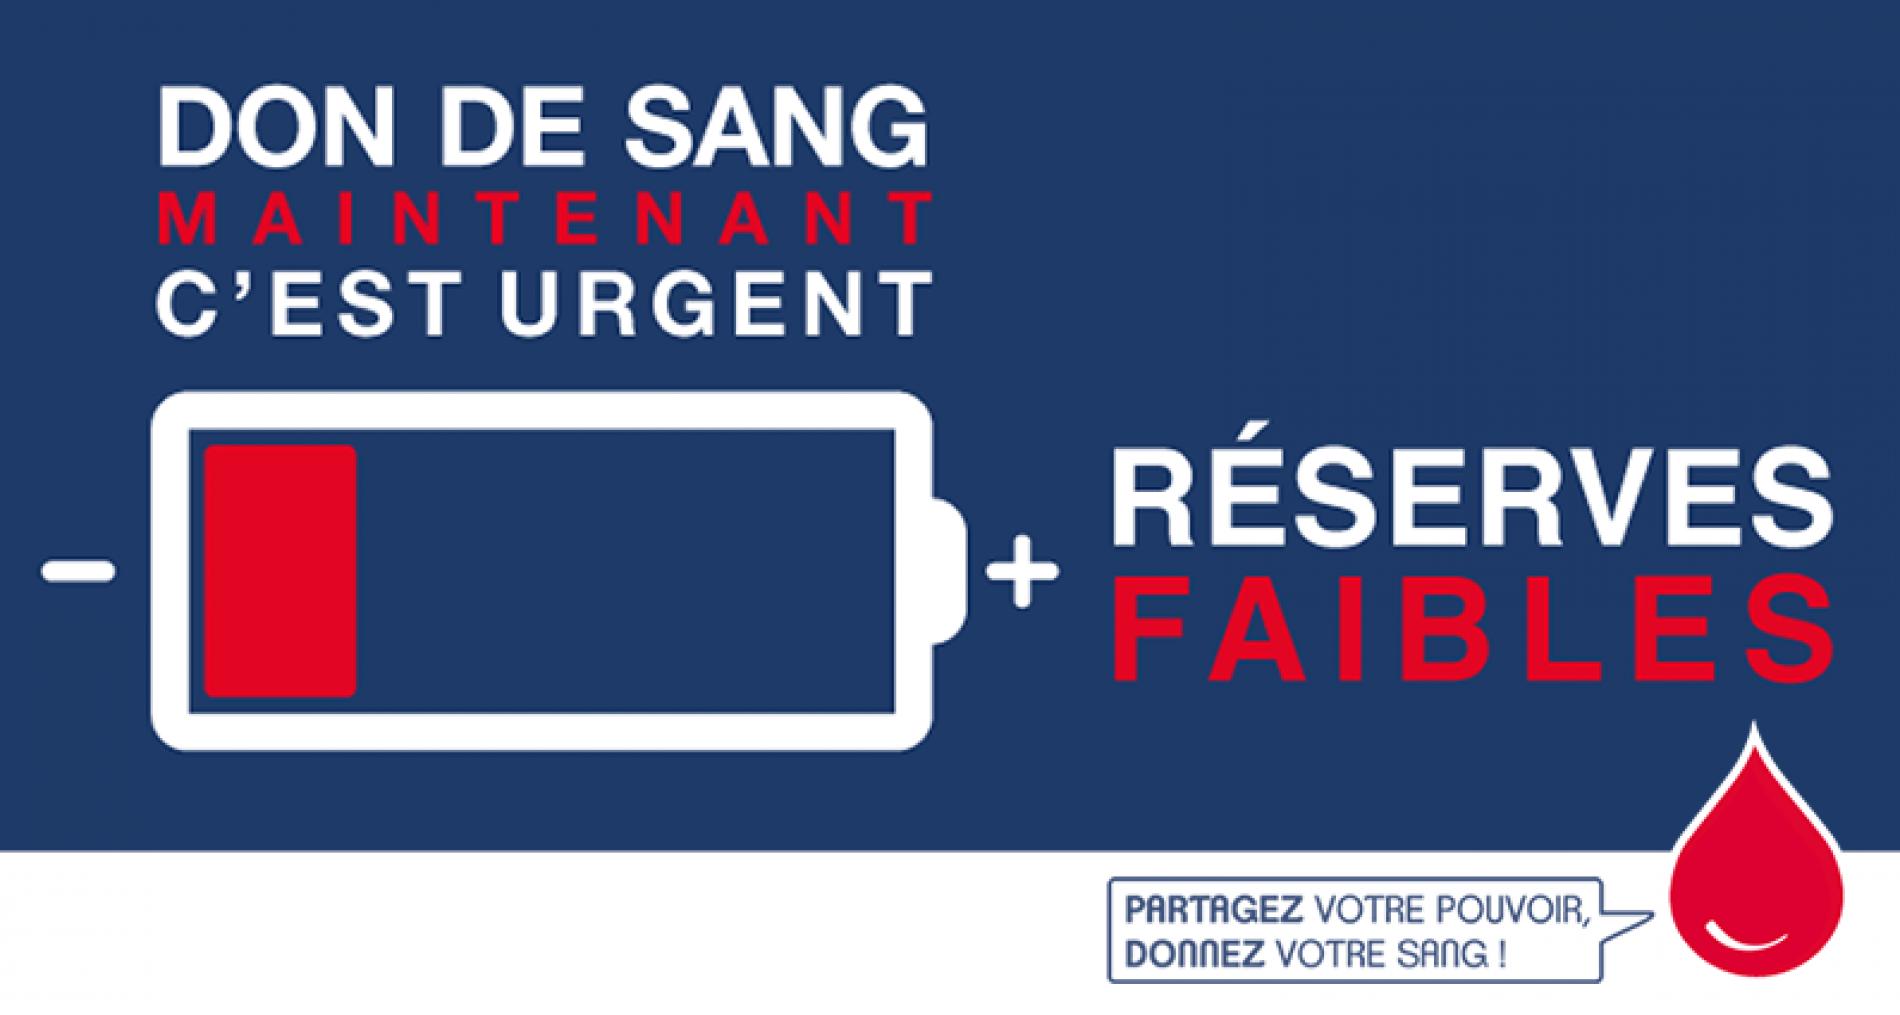 Appel au don de sang : c'est urgent !